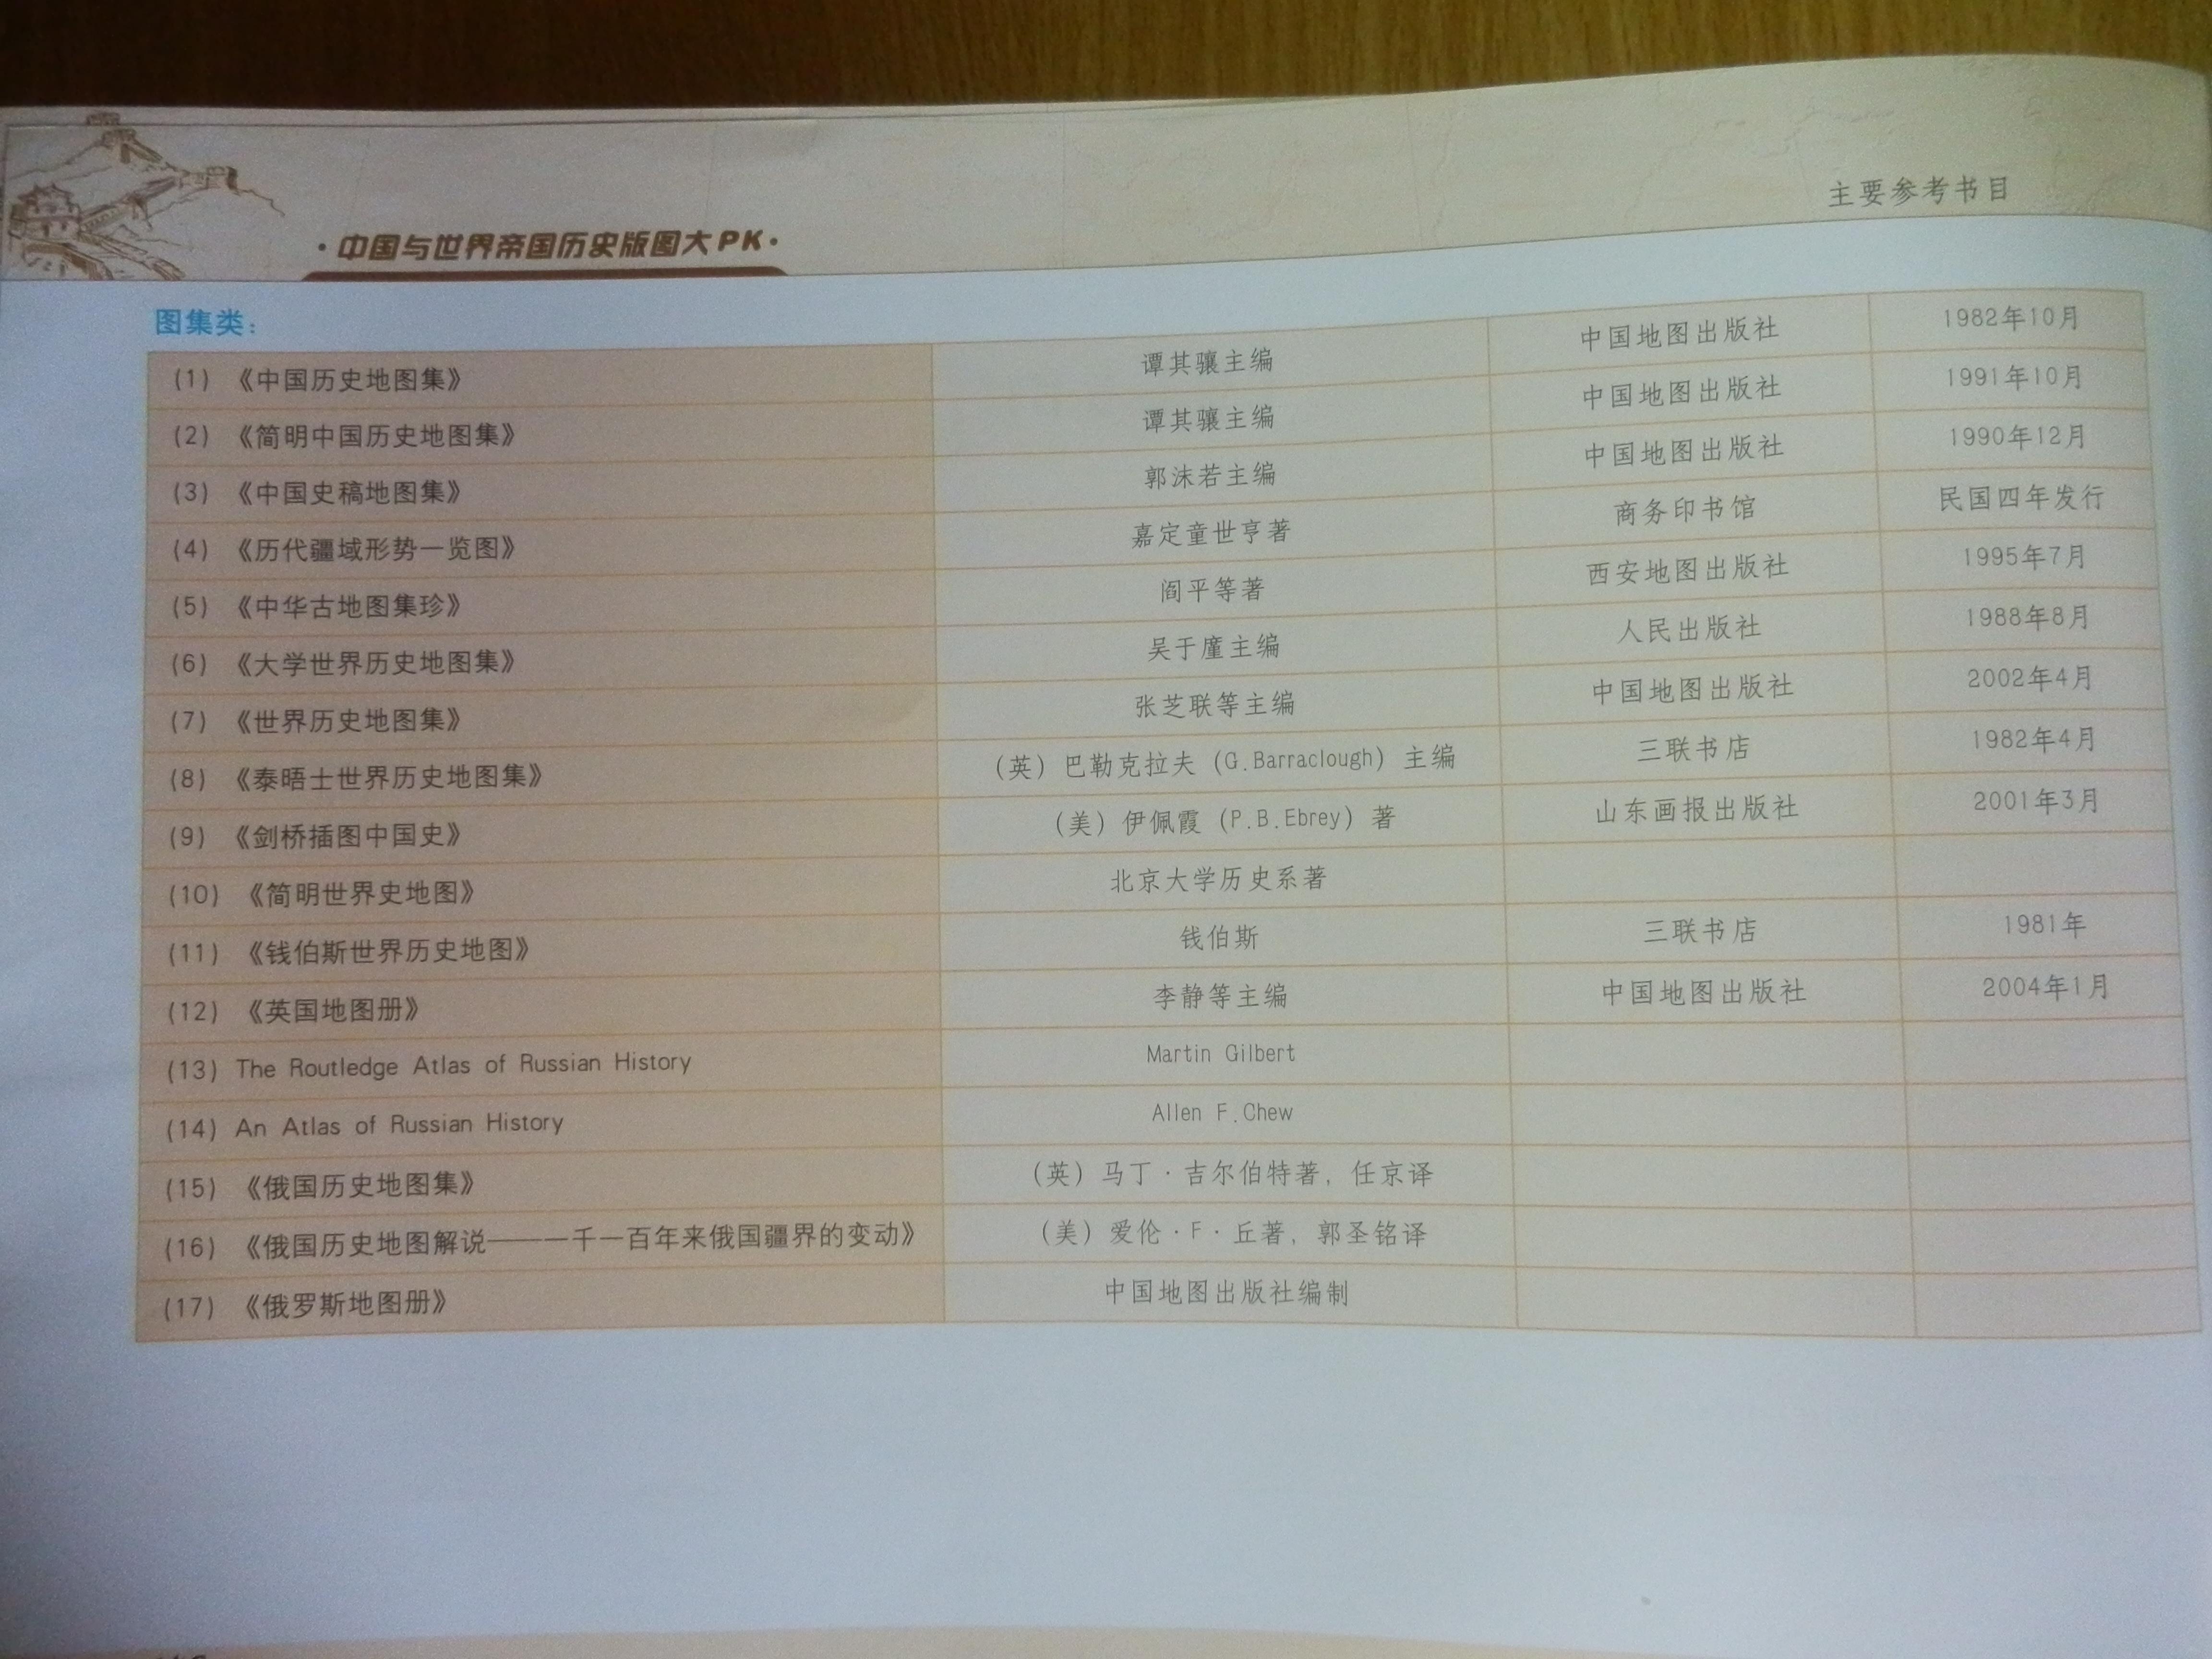 简明中国历史地图集_有哪些读中国历史时可以参考的地图册? - 知乎